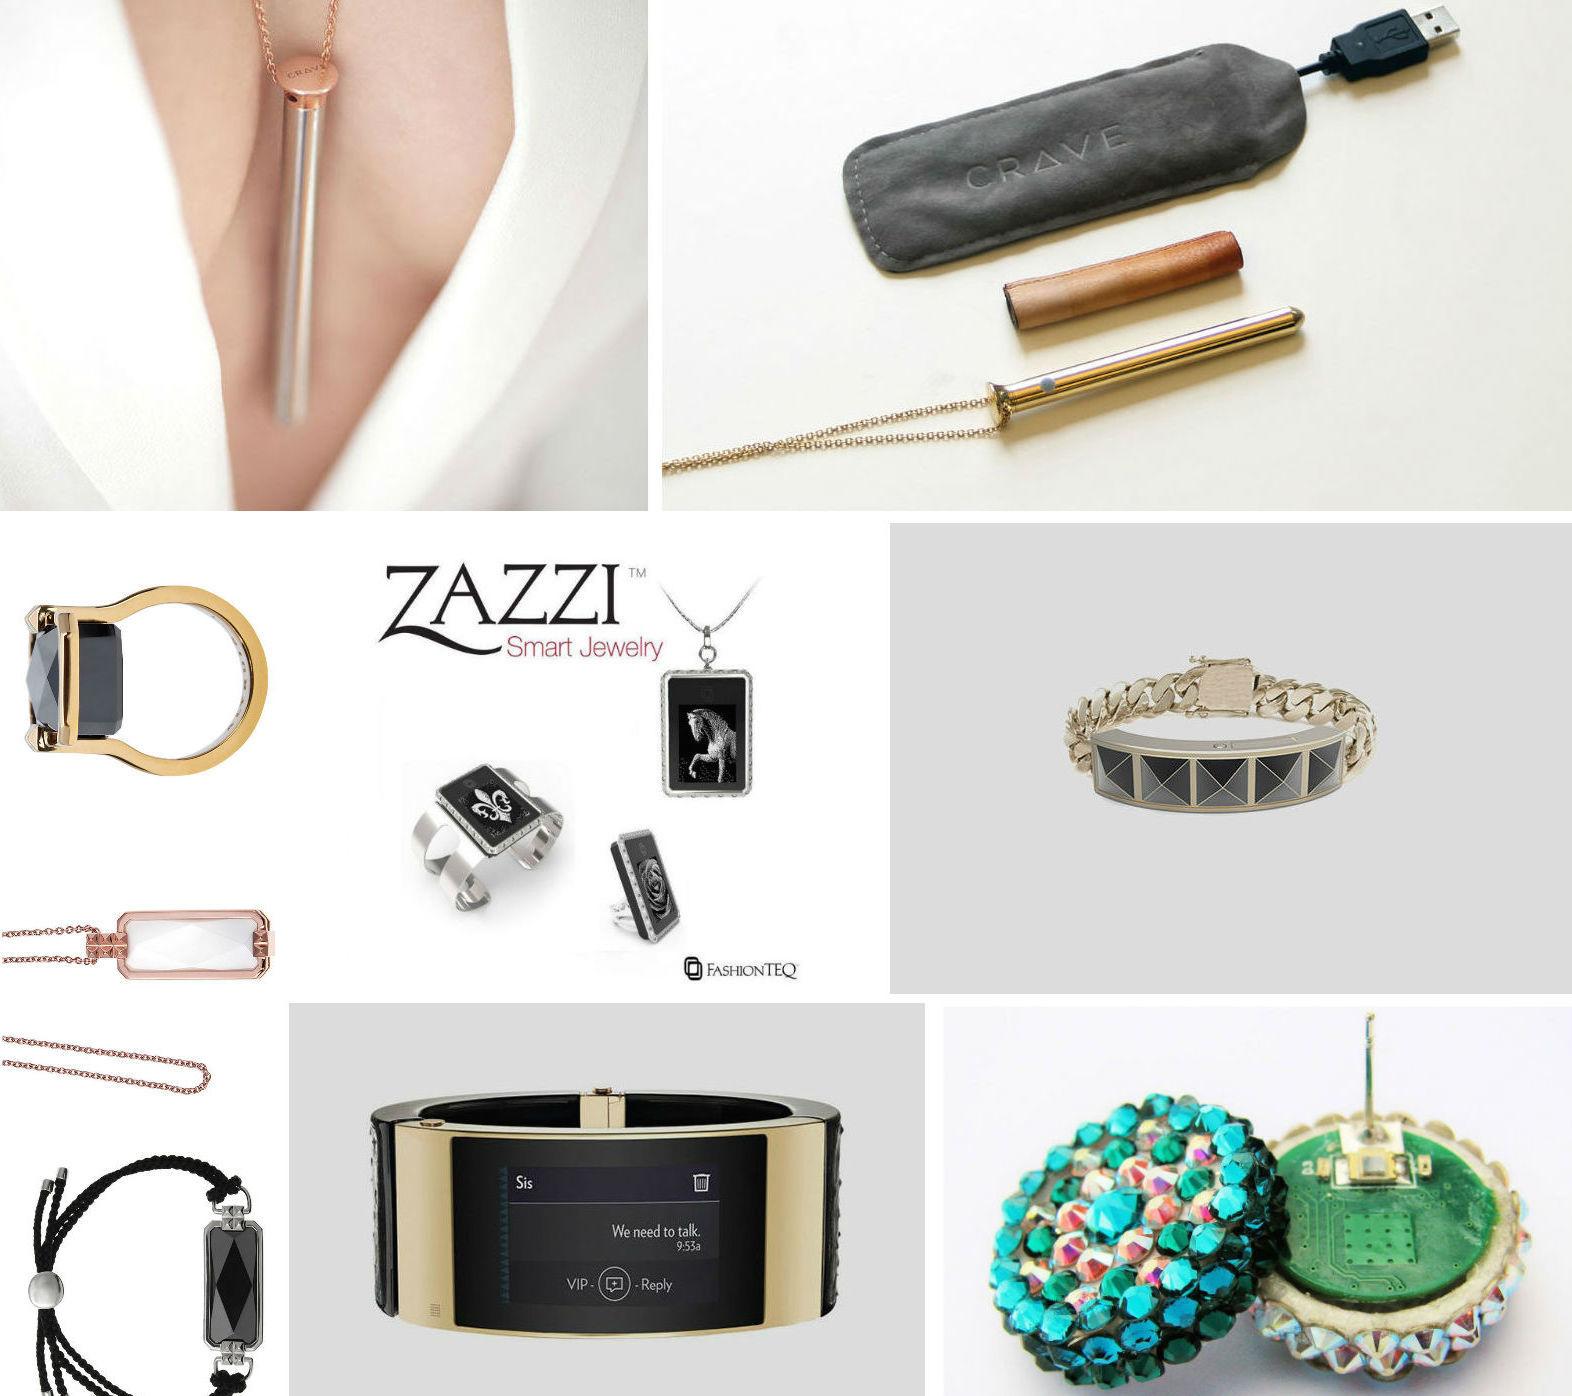 Умная бижутерия: кольца, браслеты, серьги и кулоны, которые на что-то способны - 1